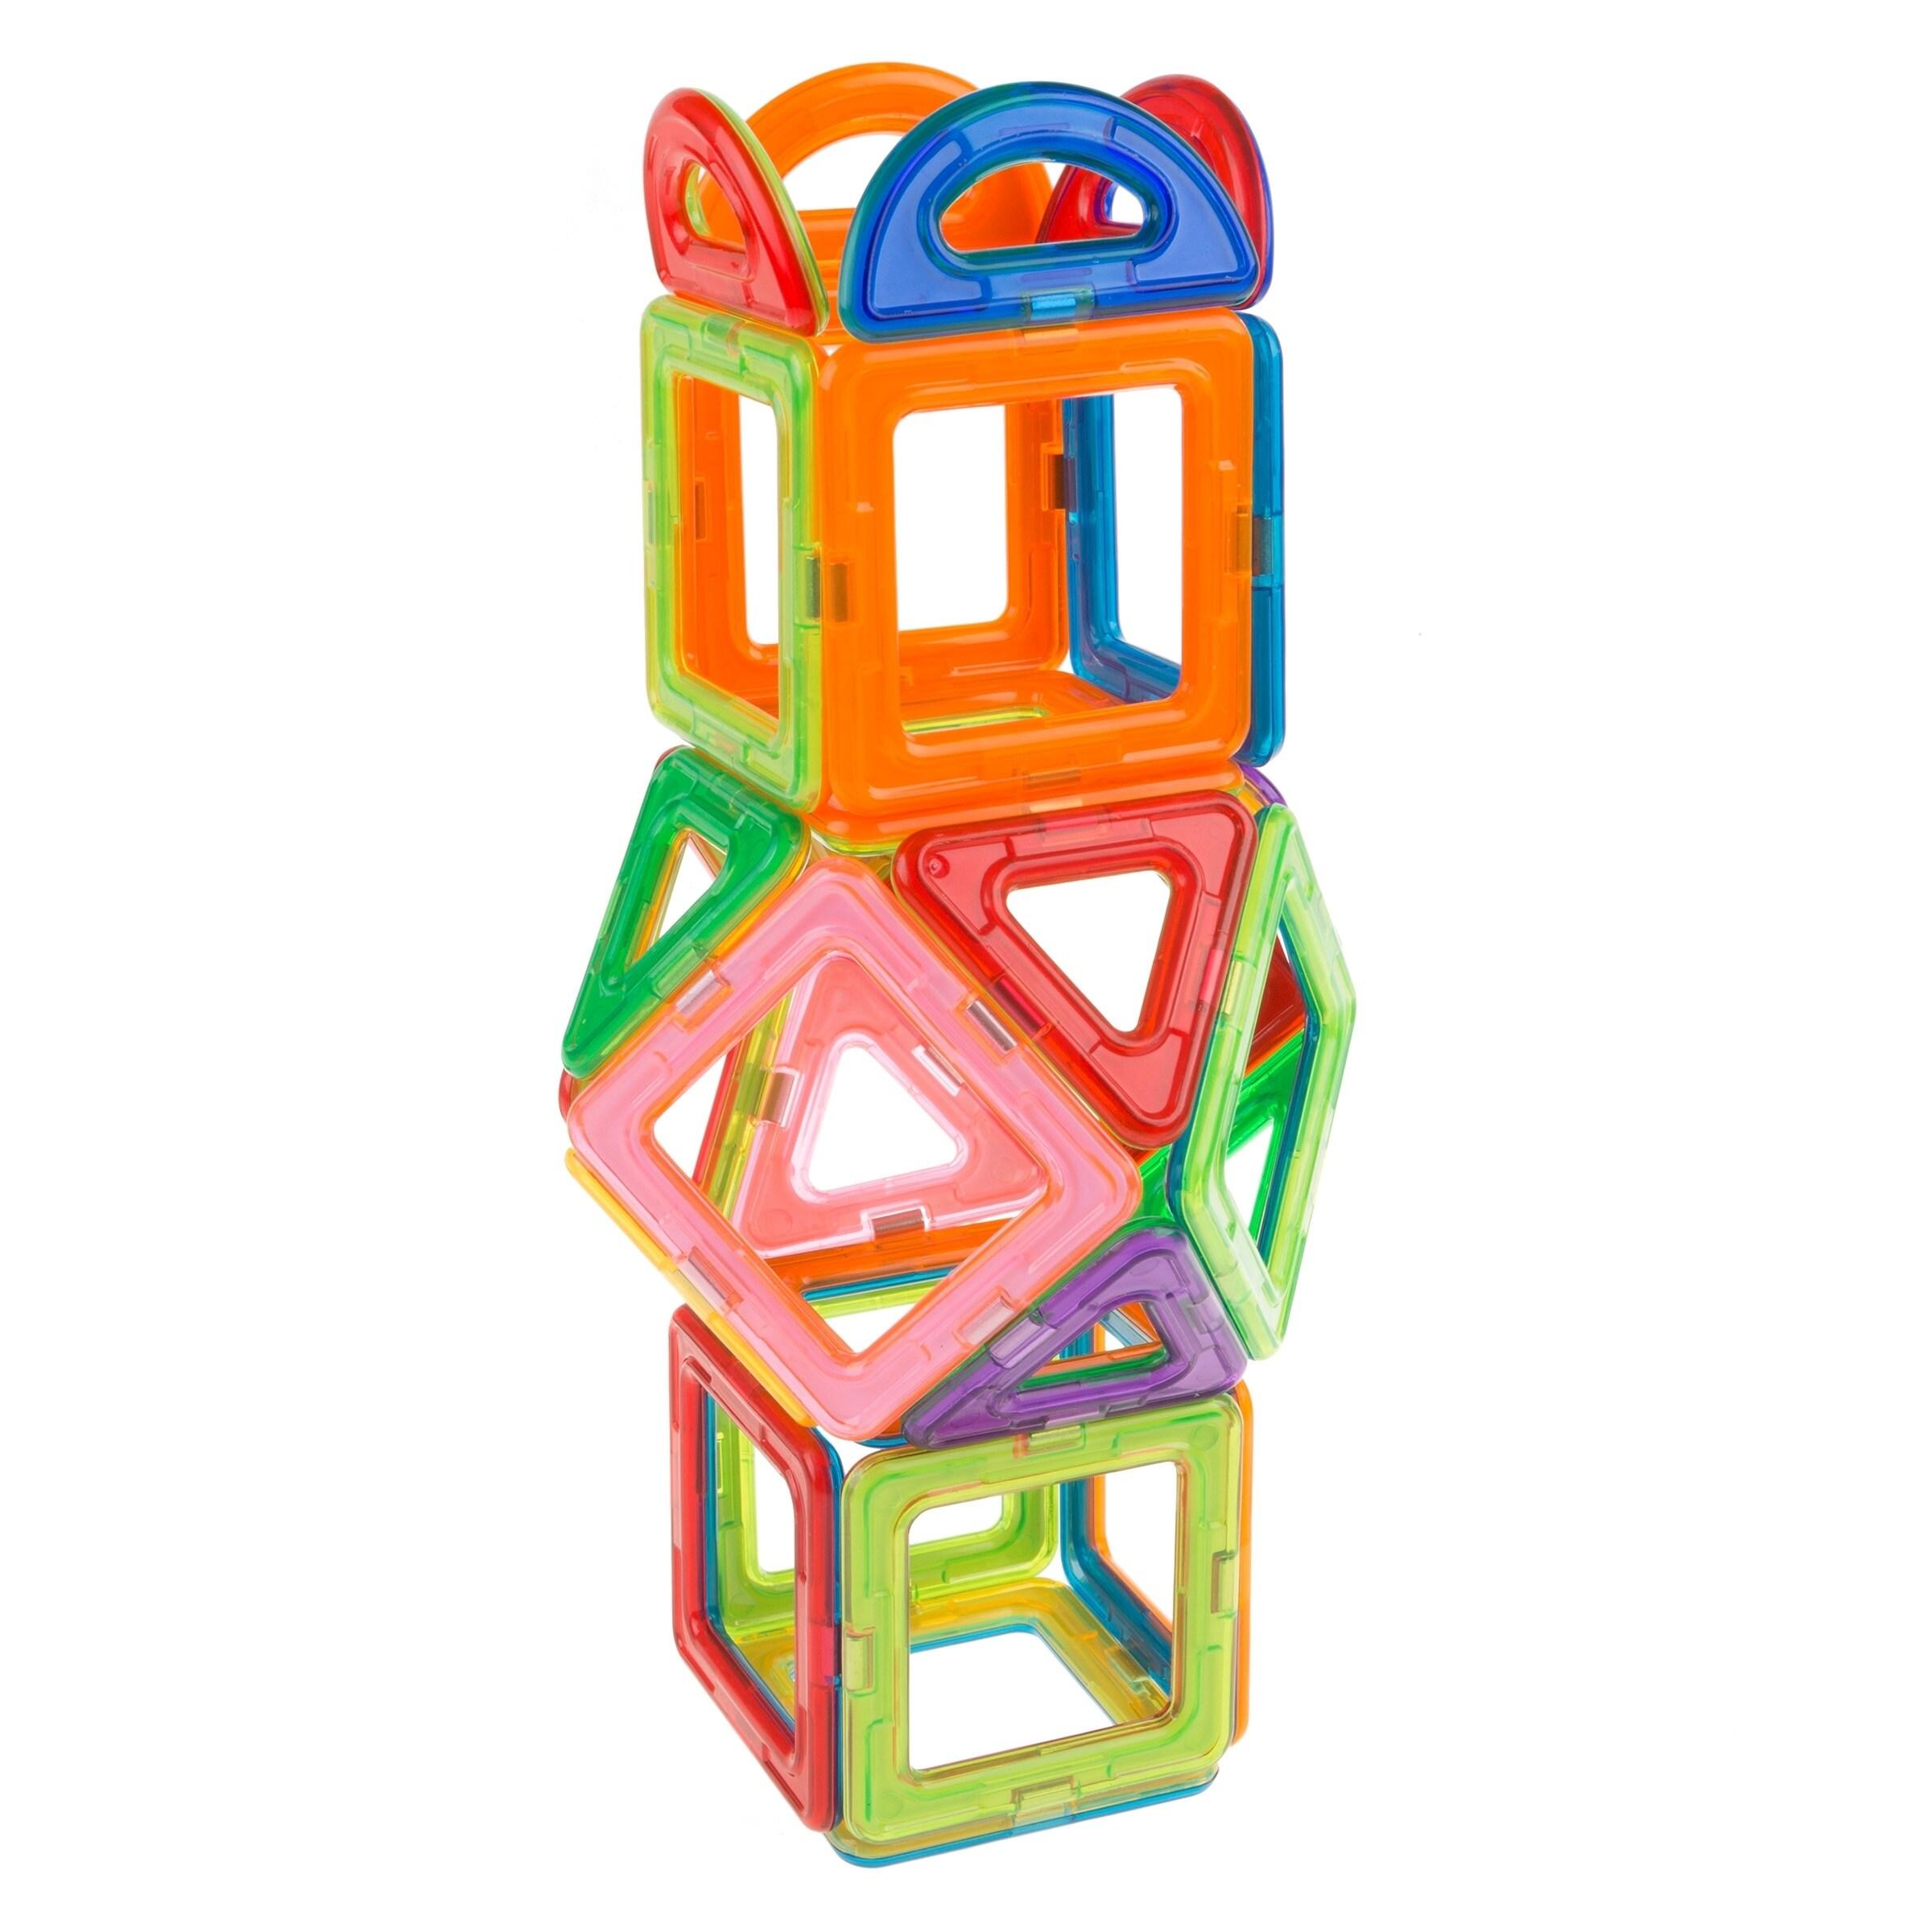 Construction Magnetic Toys Building Tiles Blocks Educational 40 pieces set box